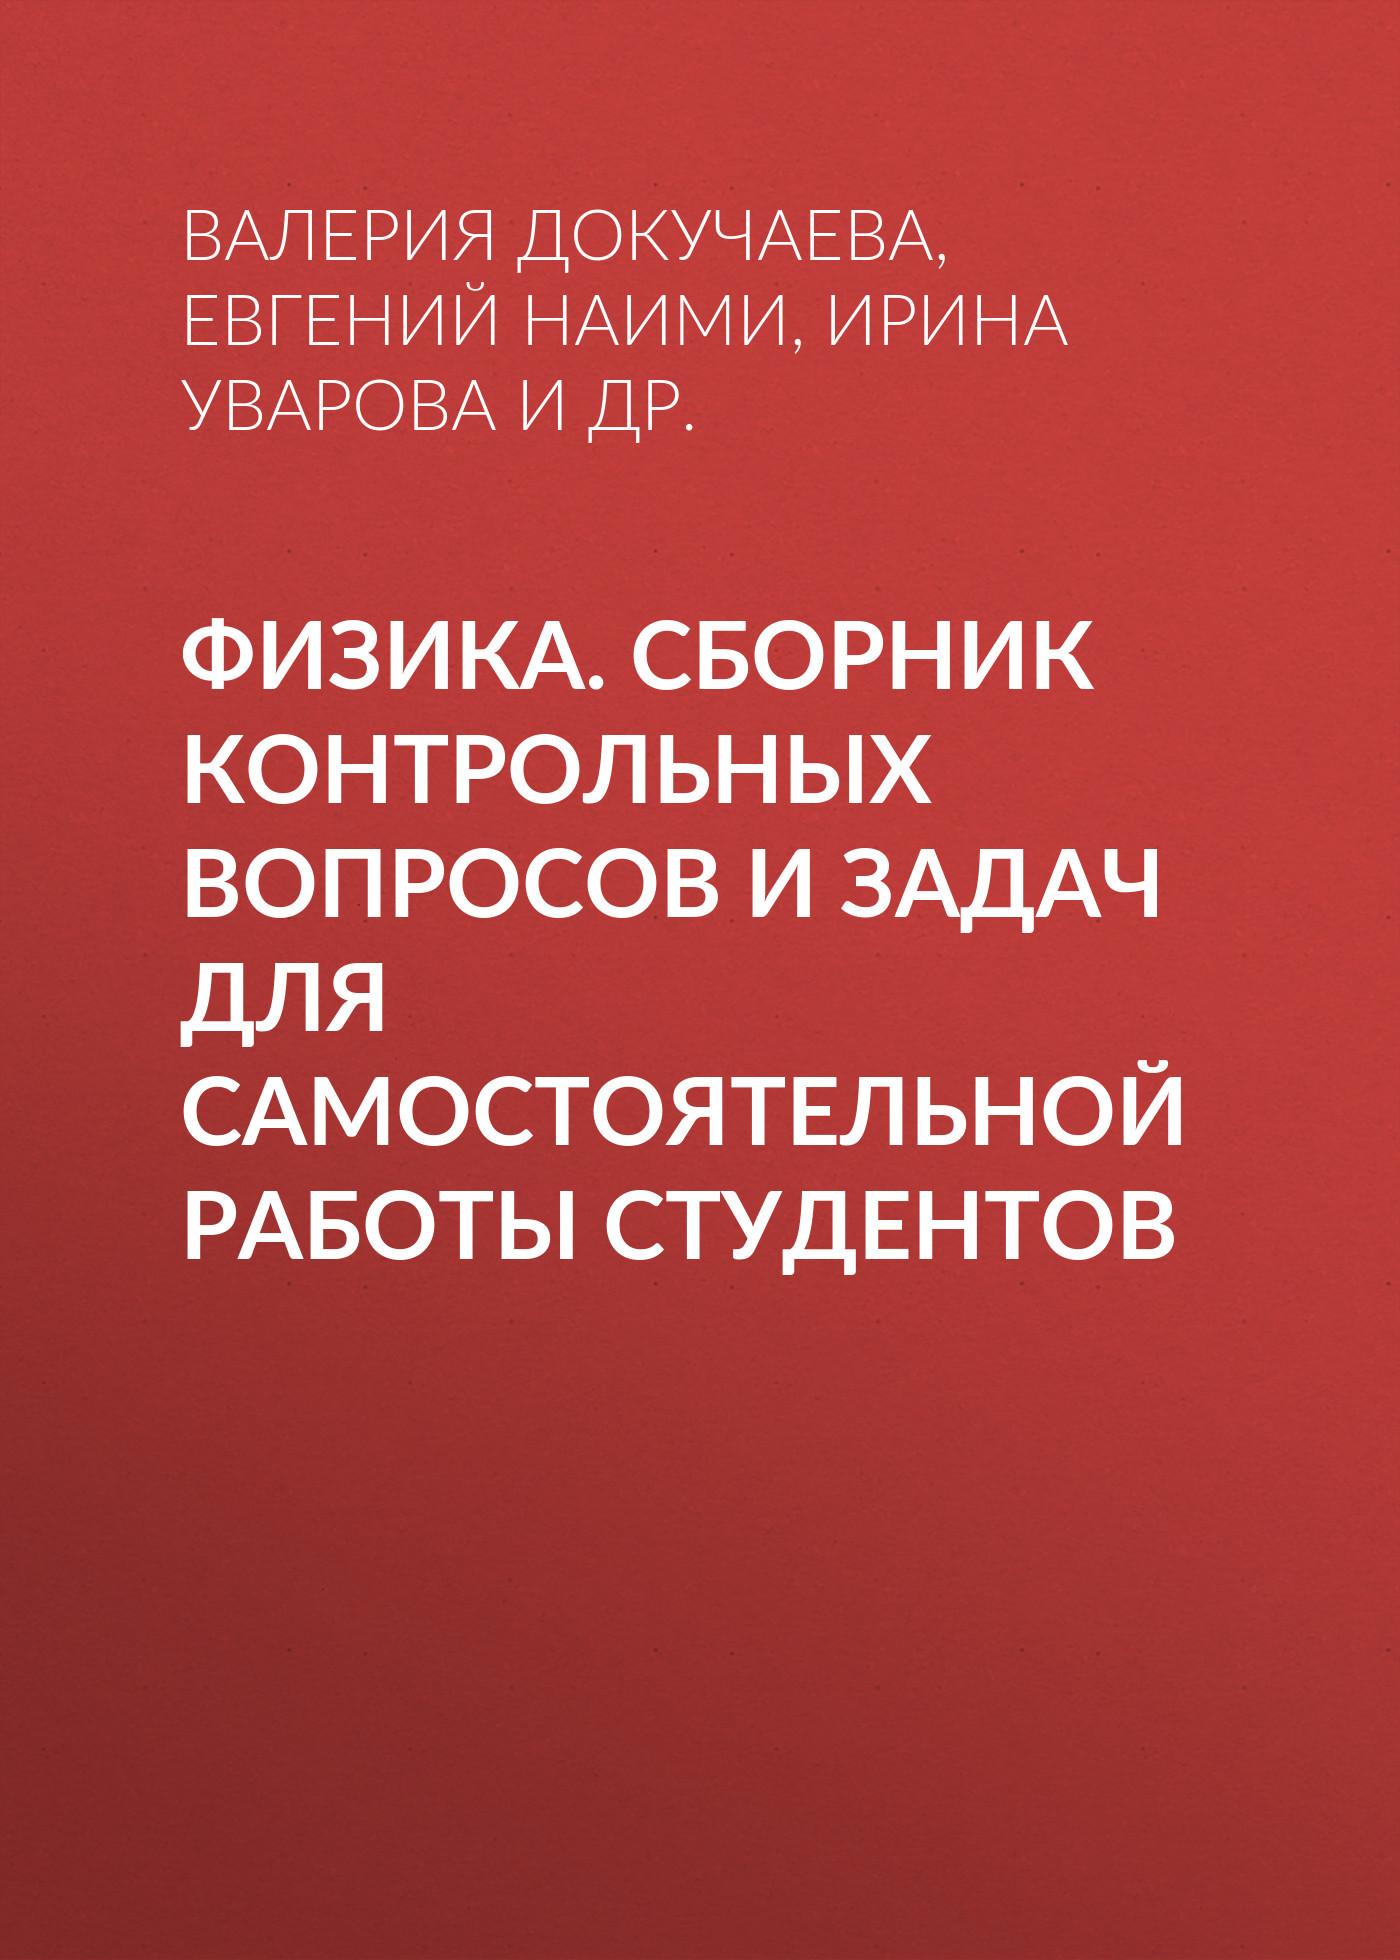 Евгений Наими. Физика. Сборник контрольных вопросов и задач для самостоятельной работы студентов